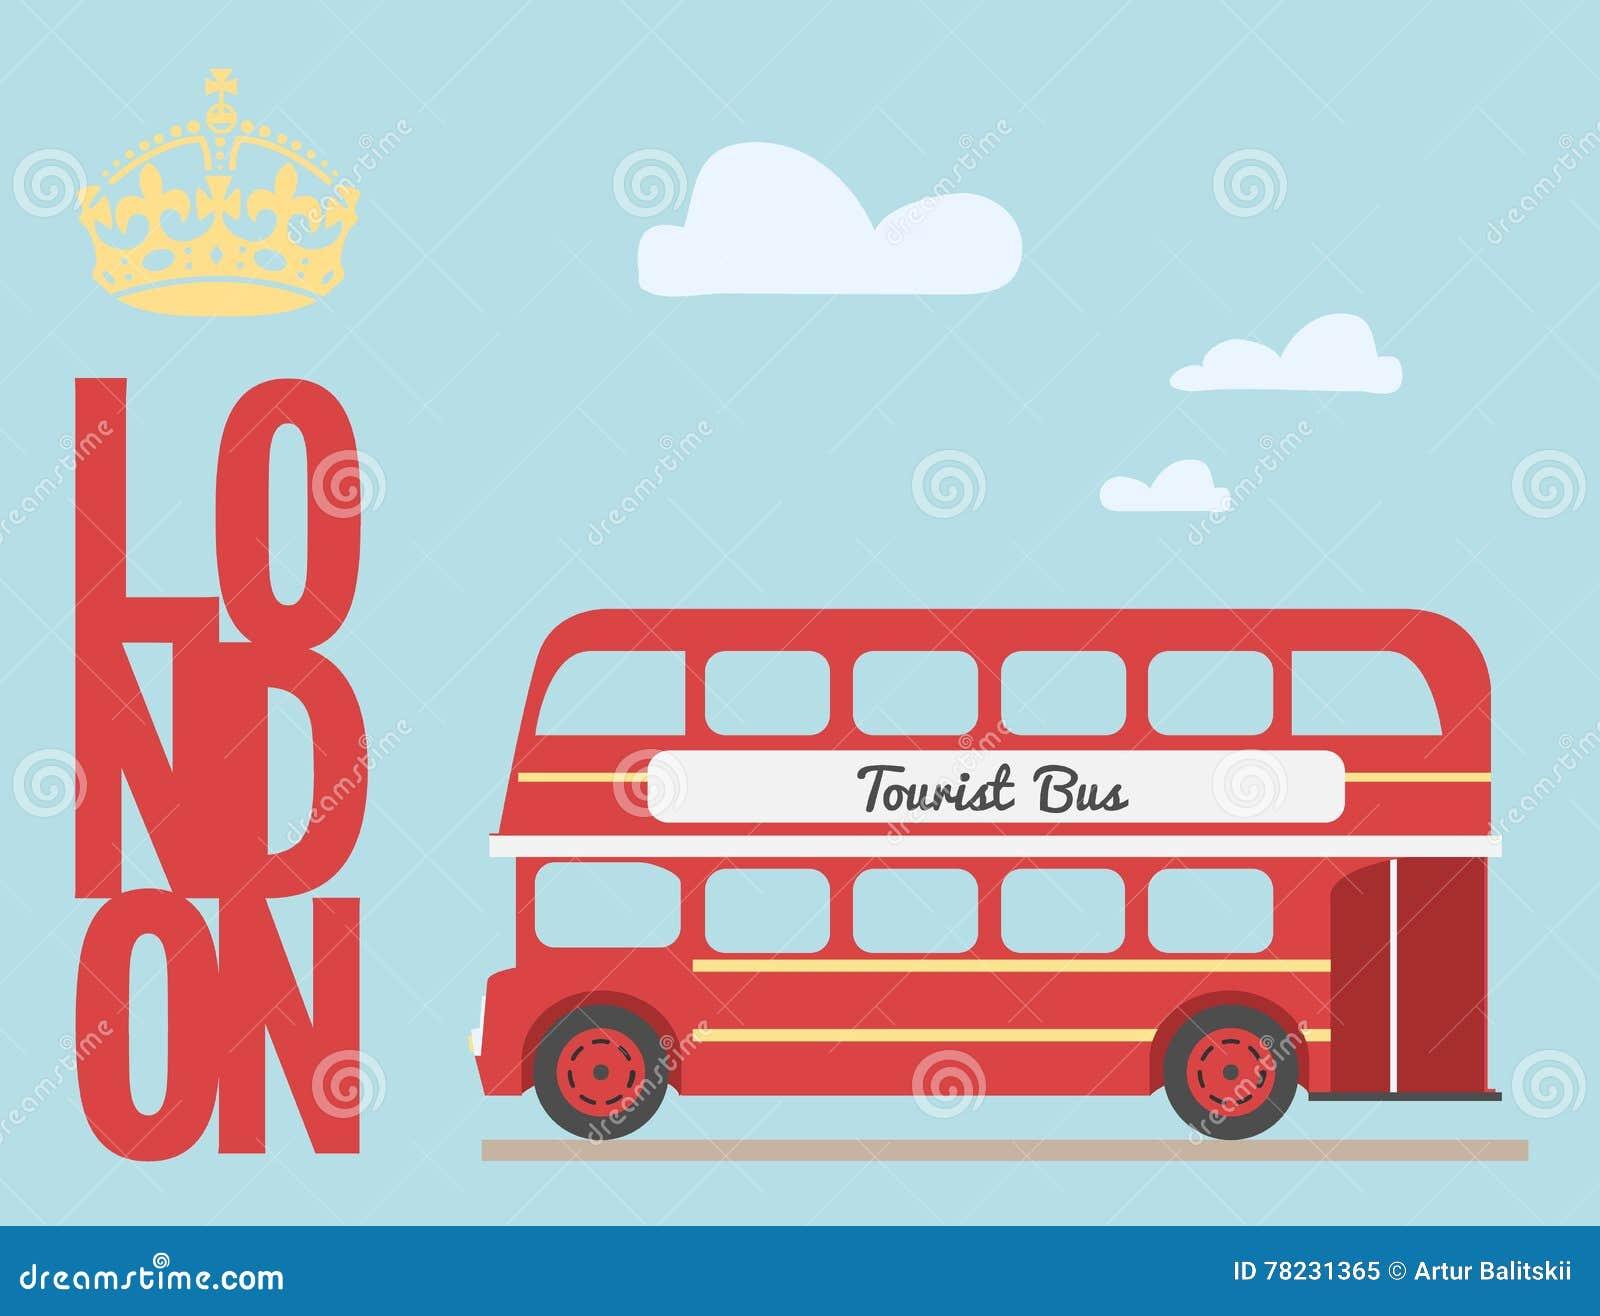 Fumetto dell 39 autobus a due piani da rosso turistico for Nuovi piani di casa inghilterra